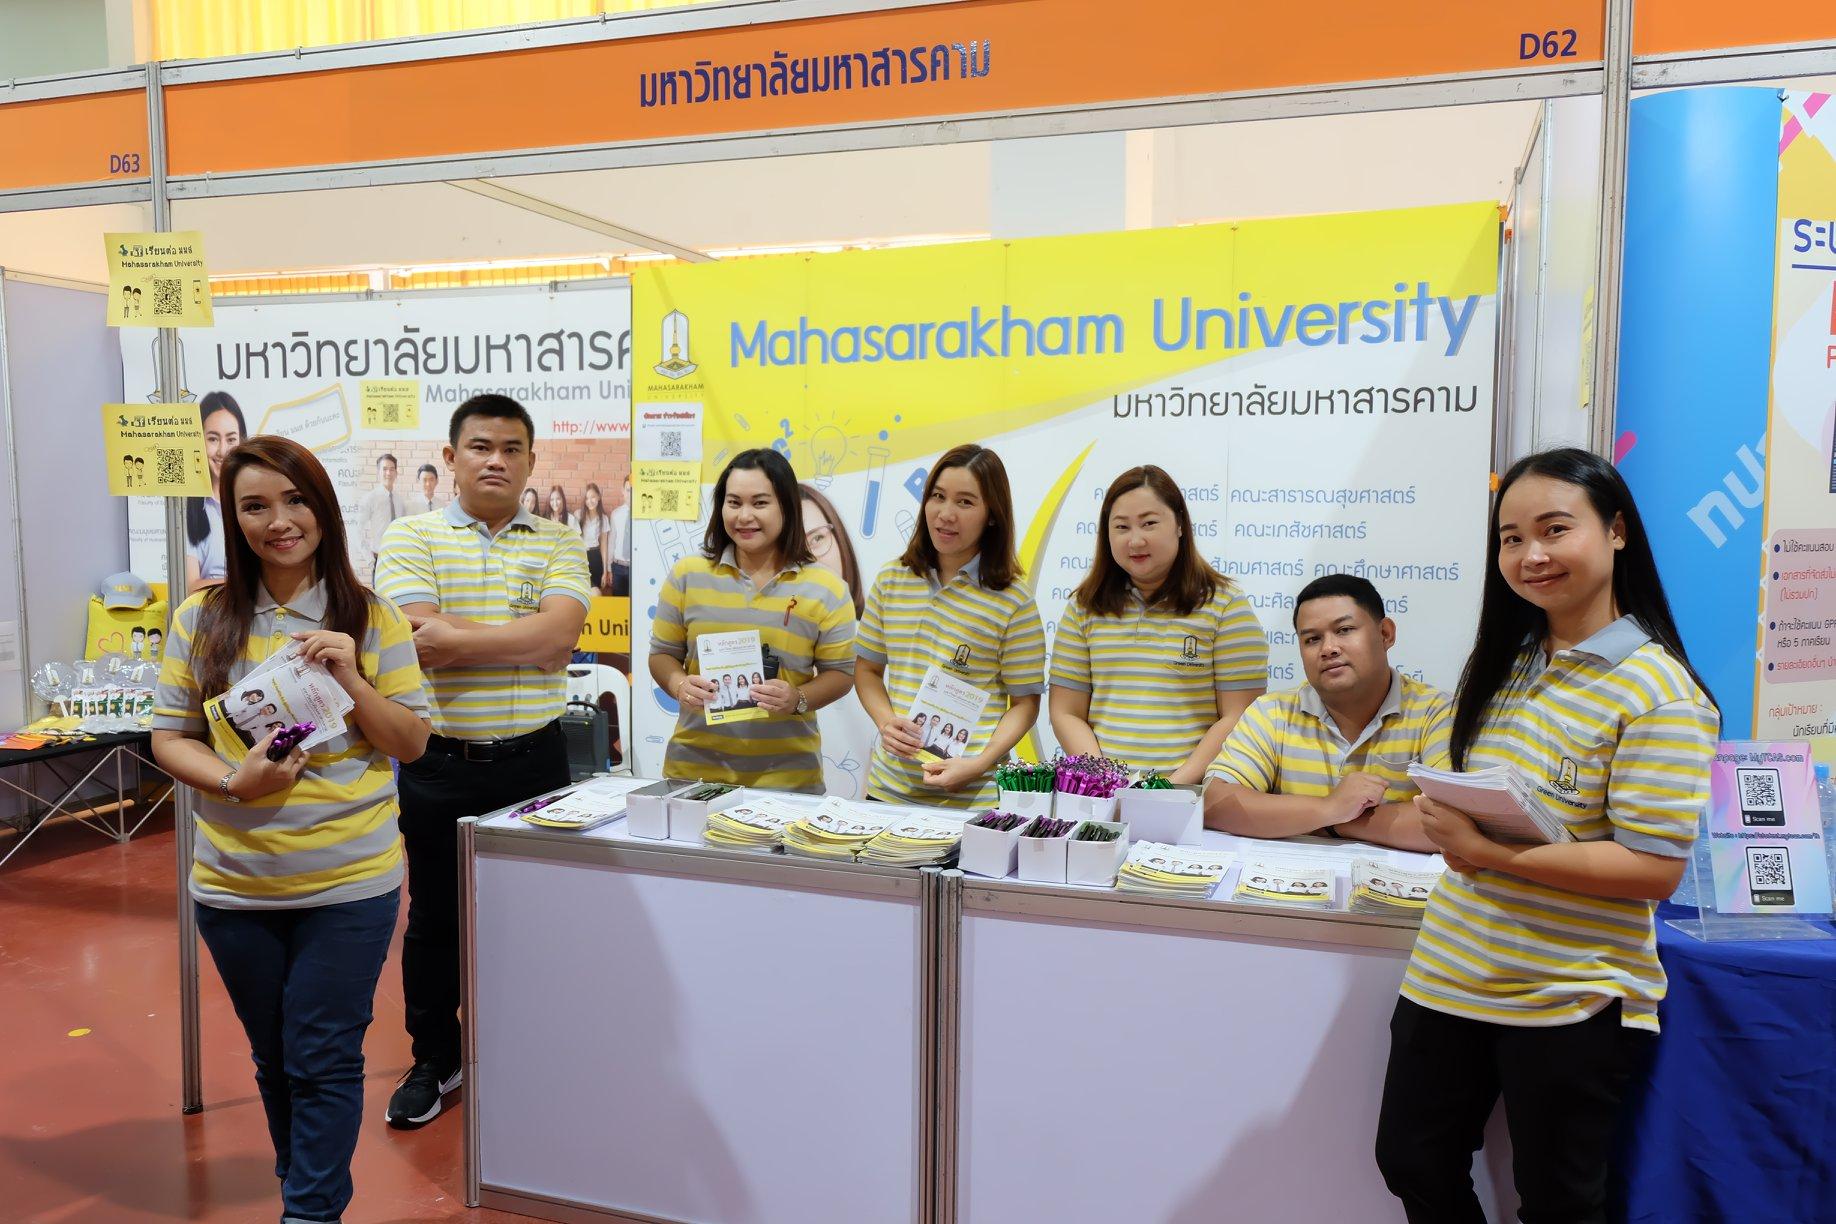 กองบริการการศึกษา เข้าร่วมงาน นิทรรศการตลาดนัดหลักสูตร อุดมศึกษา